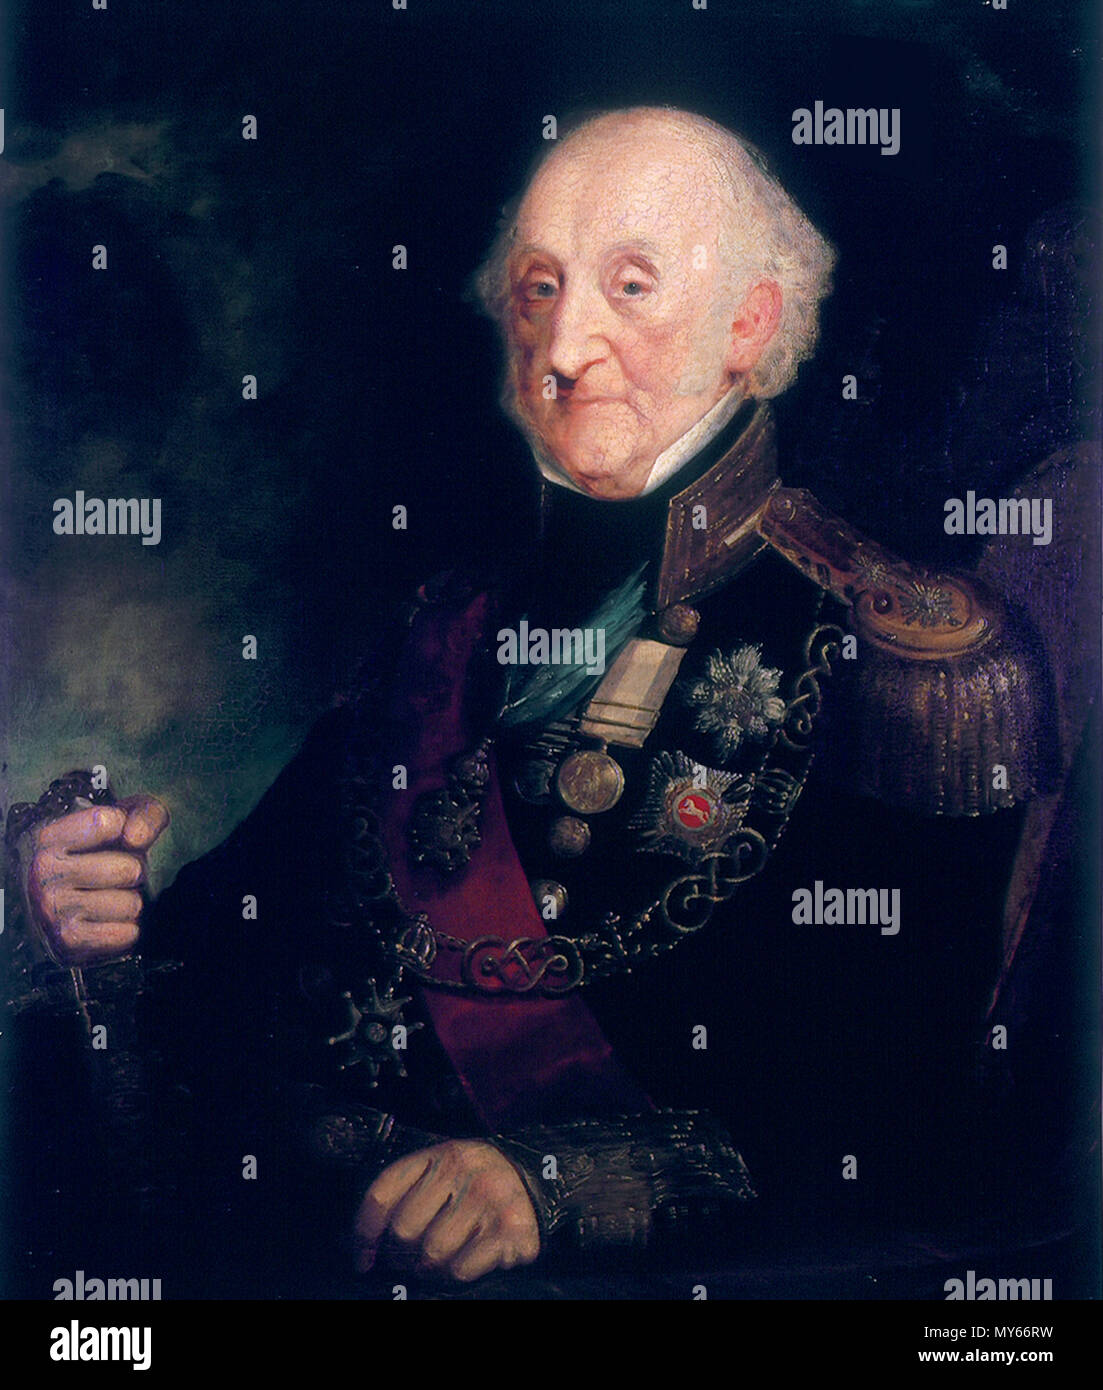 . Inglese: Vice Ammiraglio Charles Bullen (1769-1853) olio su tela 91,5 x 71 cm firmato: A. Concessione 1849 . 1849. A. Concessione 549 Vice Ammiraglio Charles Bullen (1769-1853), con una sovvenzione Immagini Stock